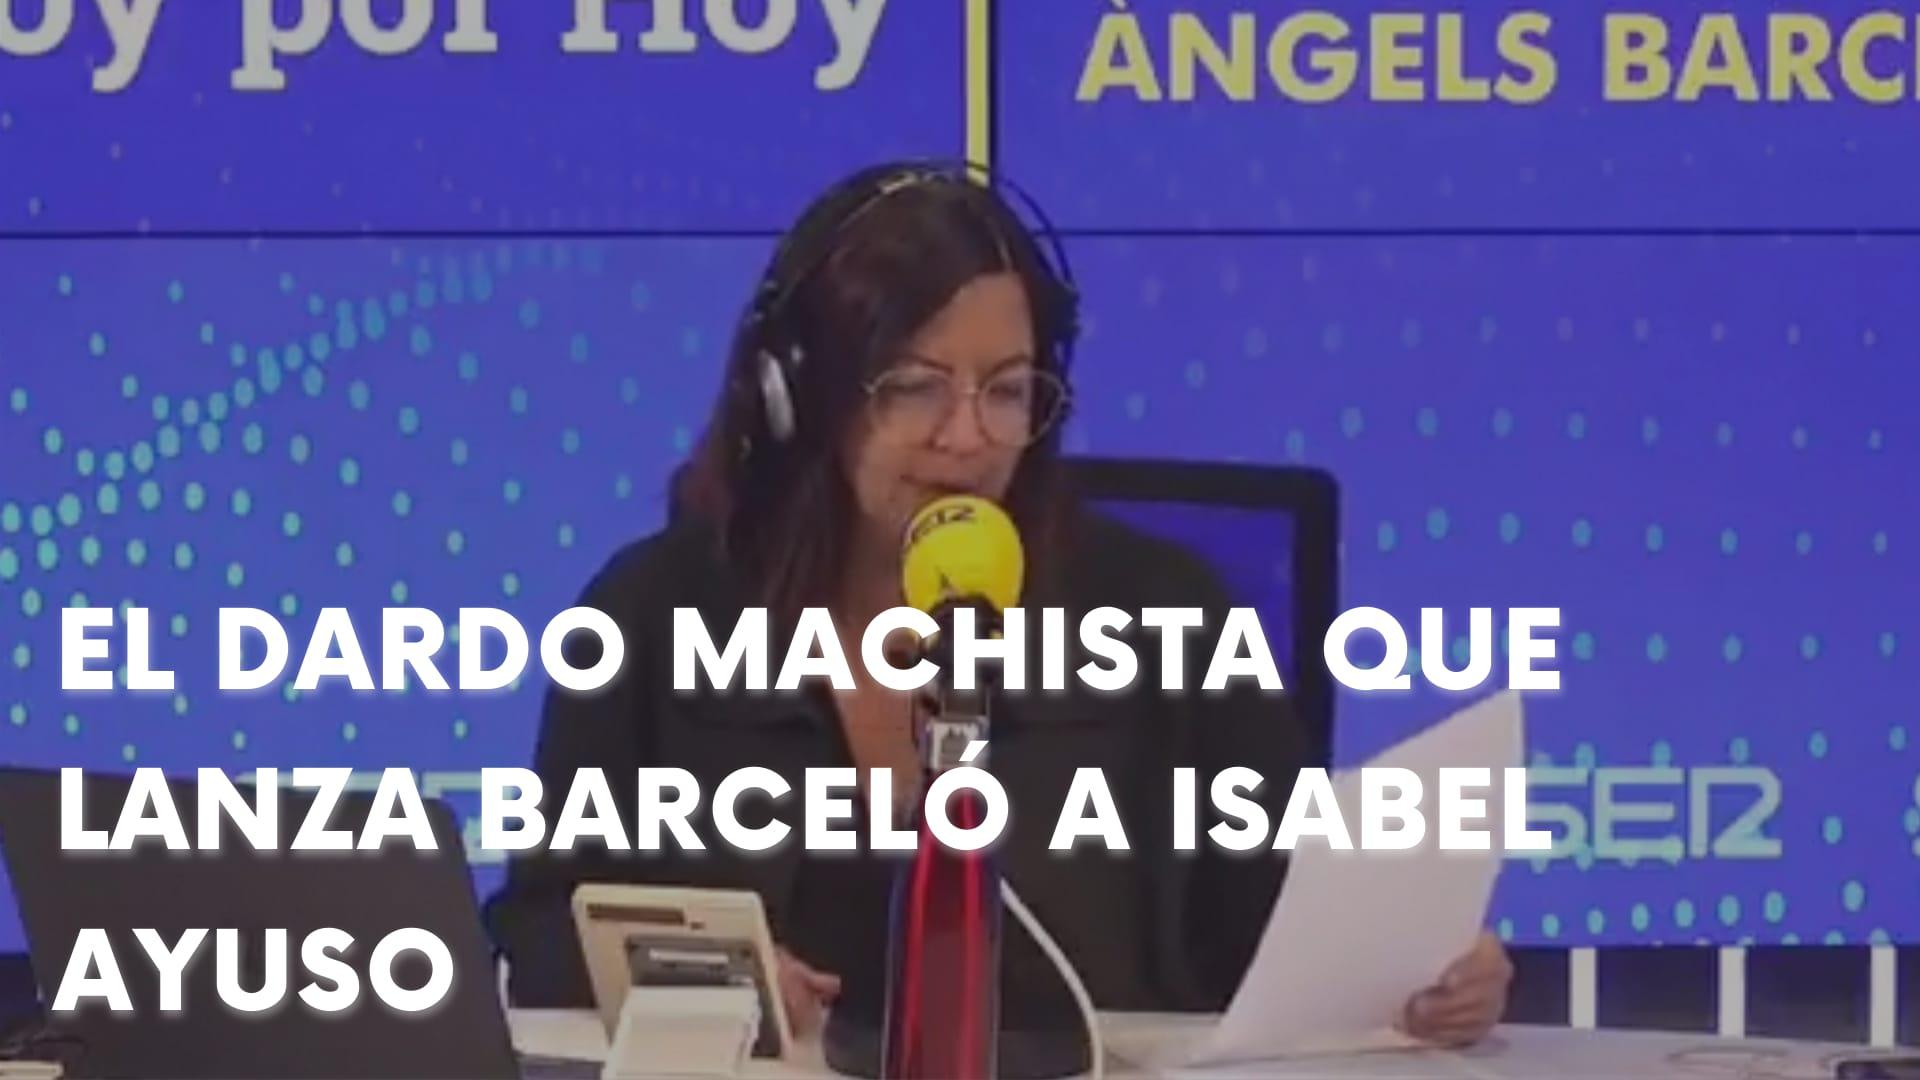 El ASQUEROSO MACHISMO DE BARCELÓ contra DÍAZ AYUSO